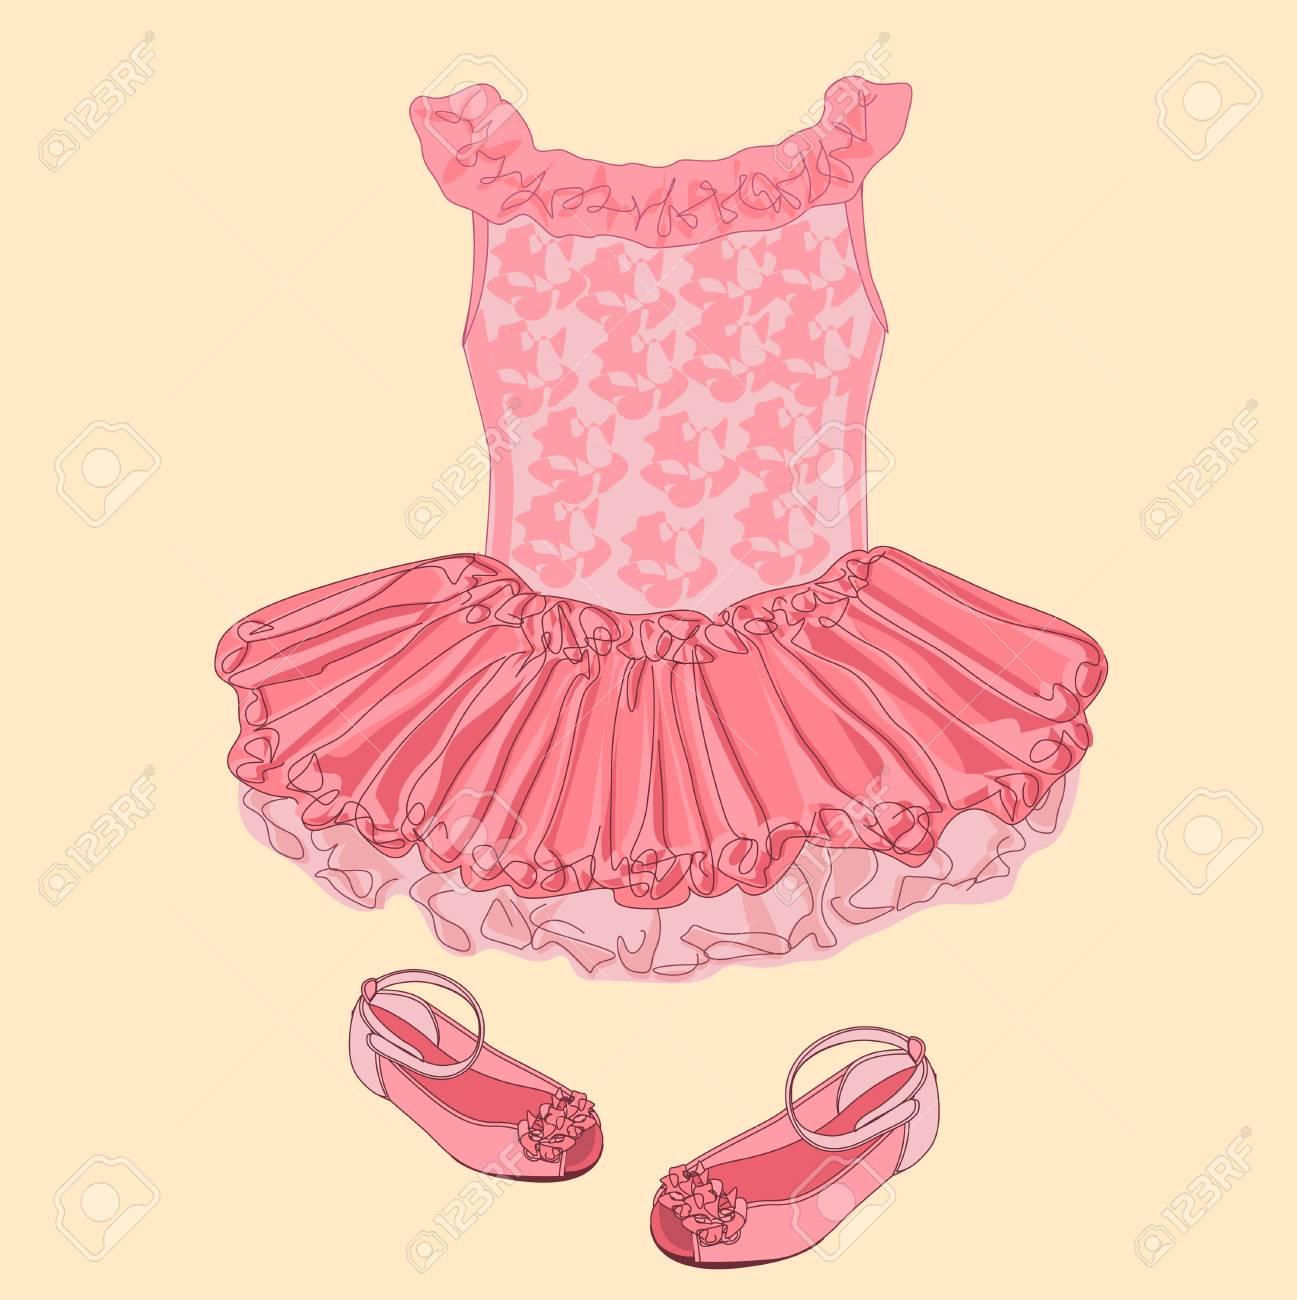 Boceto Del Vestido Del Bebé. Ropa Para Niña Pequeña. Ilustraciones ...